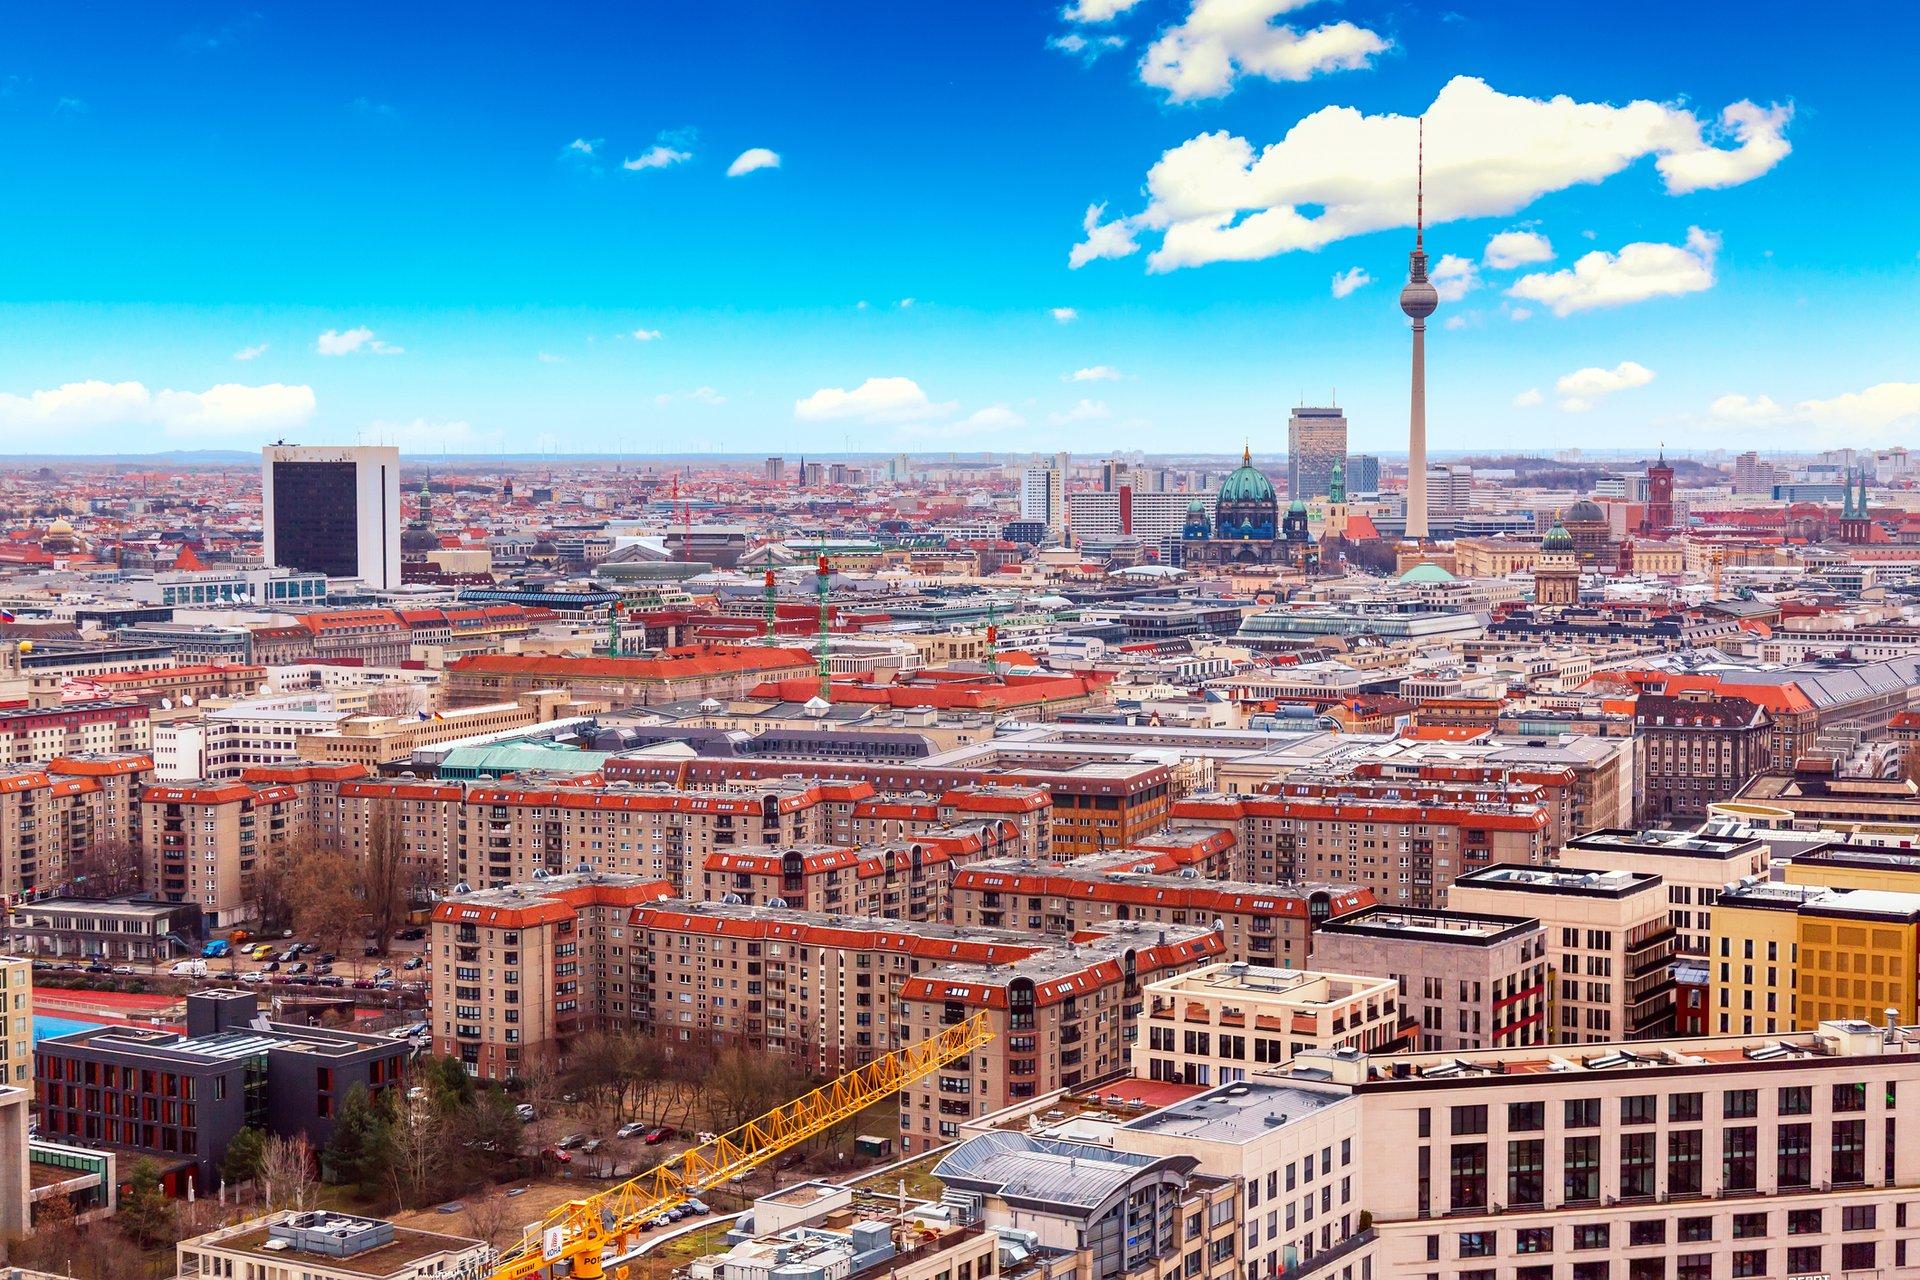 Reurbanisierung in Berlin